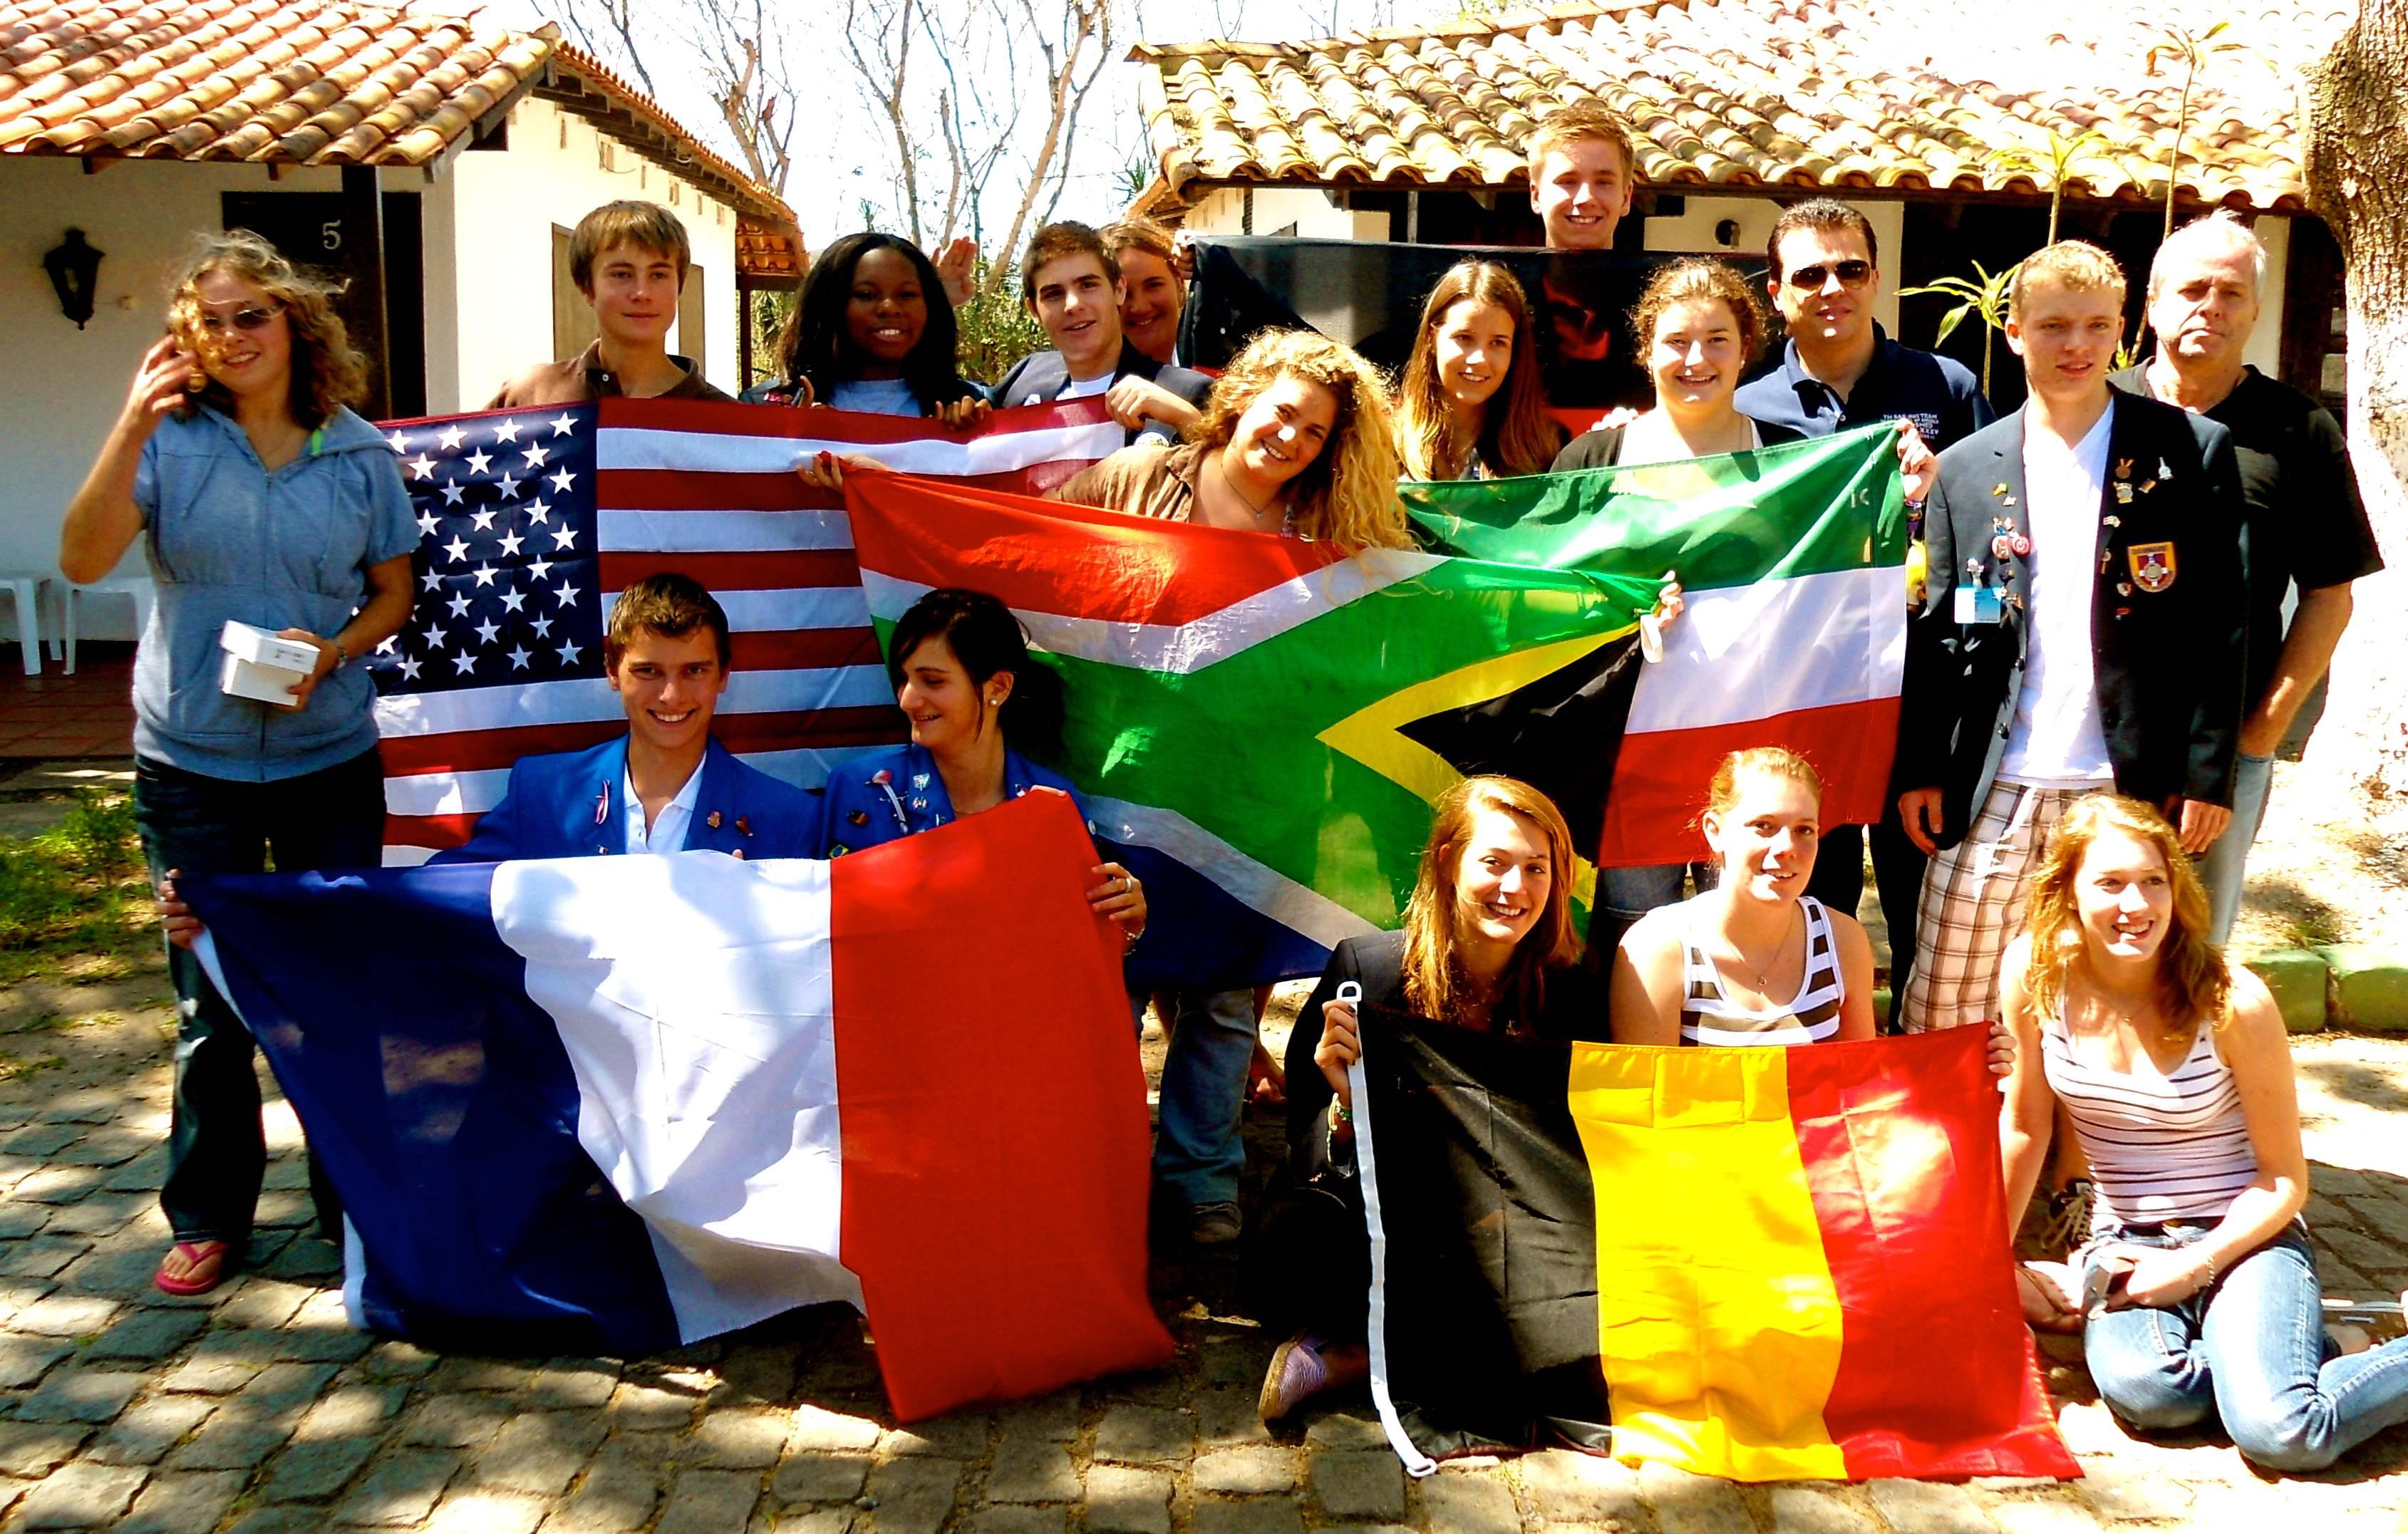 Учеба по обмену в сша: международная программа обмена школьниками сша и россии | edutravel